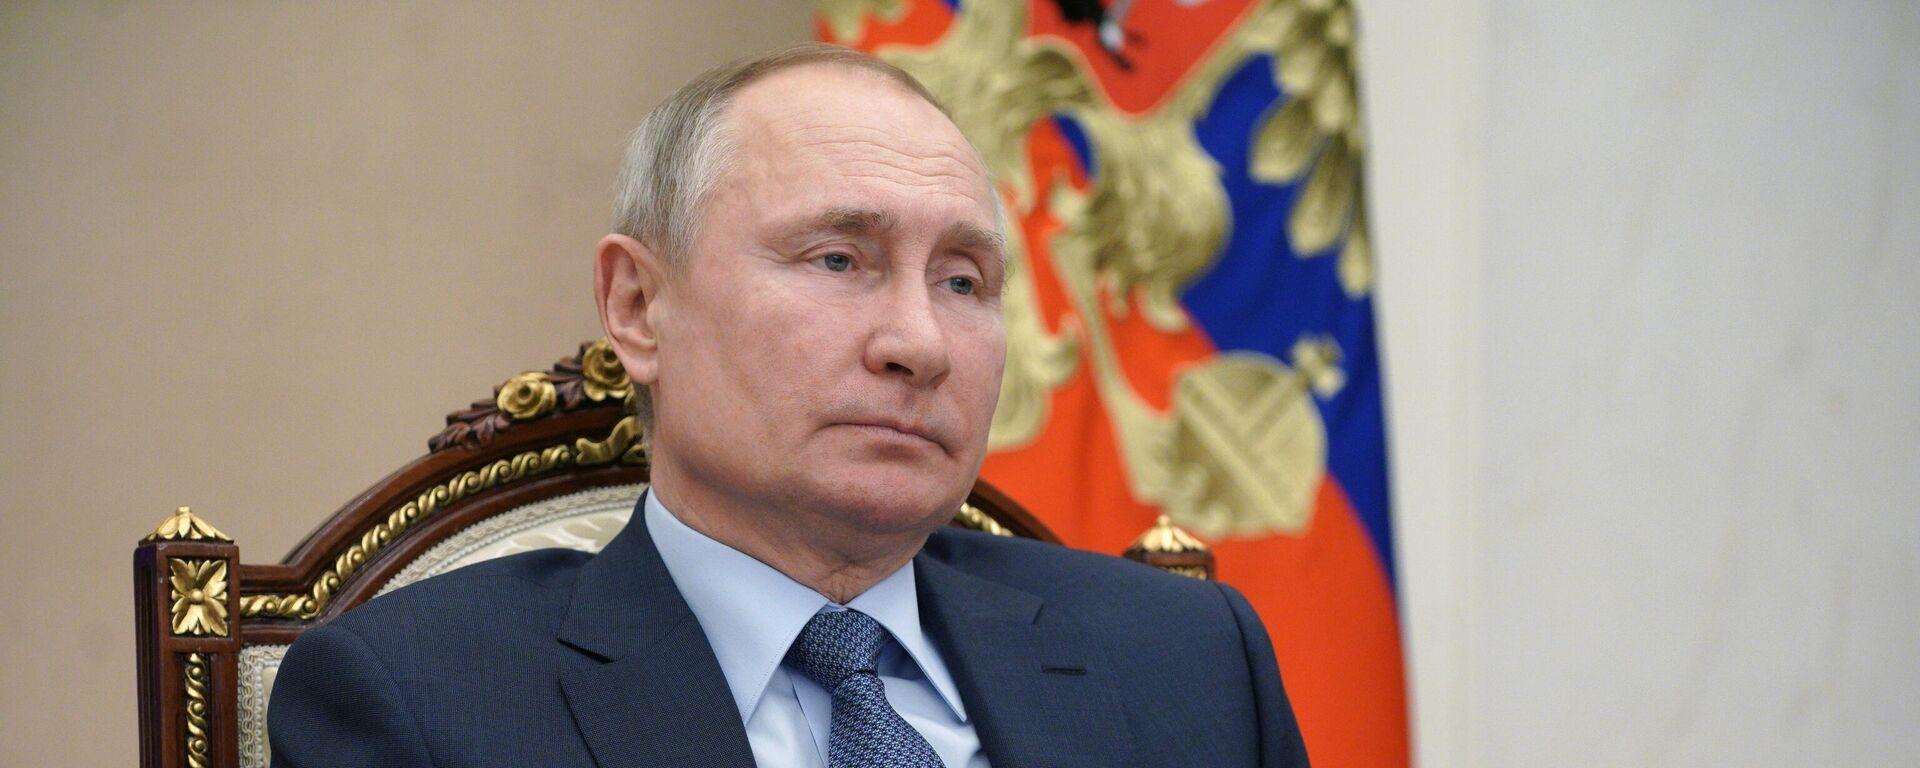 Vladímir Putin, presidente ruso - Sputnik Mundo, 1920, 27.06.2021